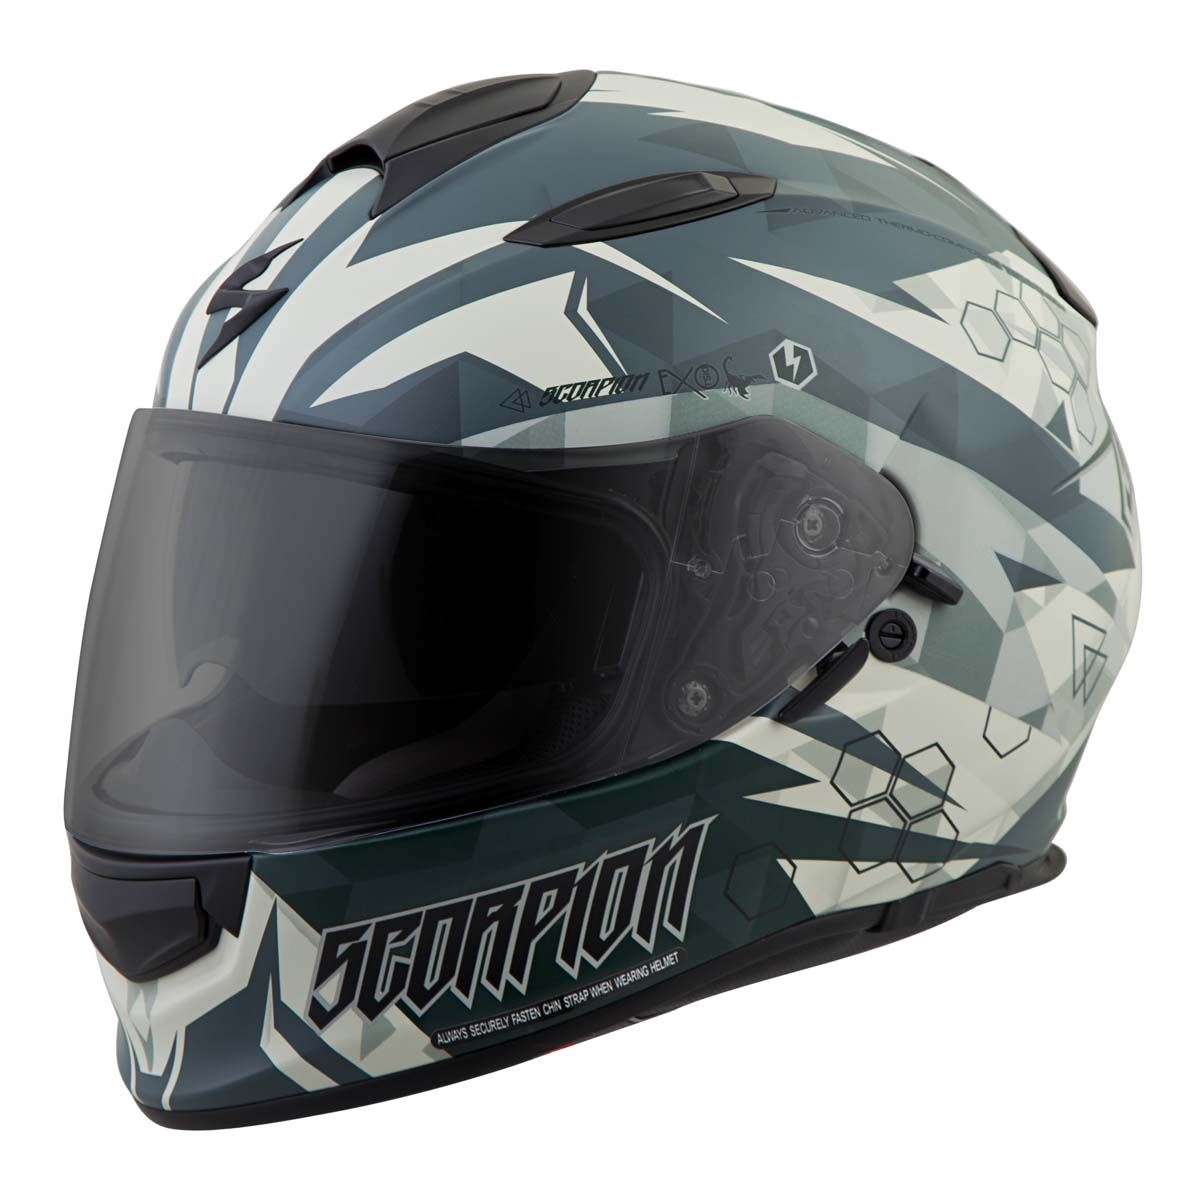 Scorpion-EXO-T510-Helmet-Full-Face-DOT-Approved-Inner-Sun-Shield miniature 57